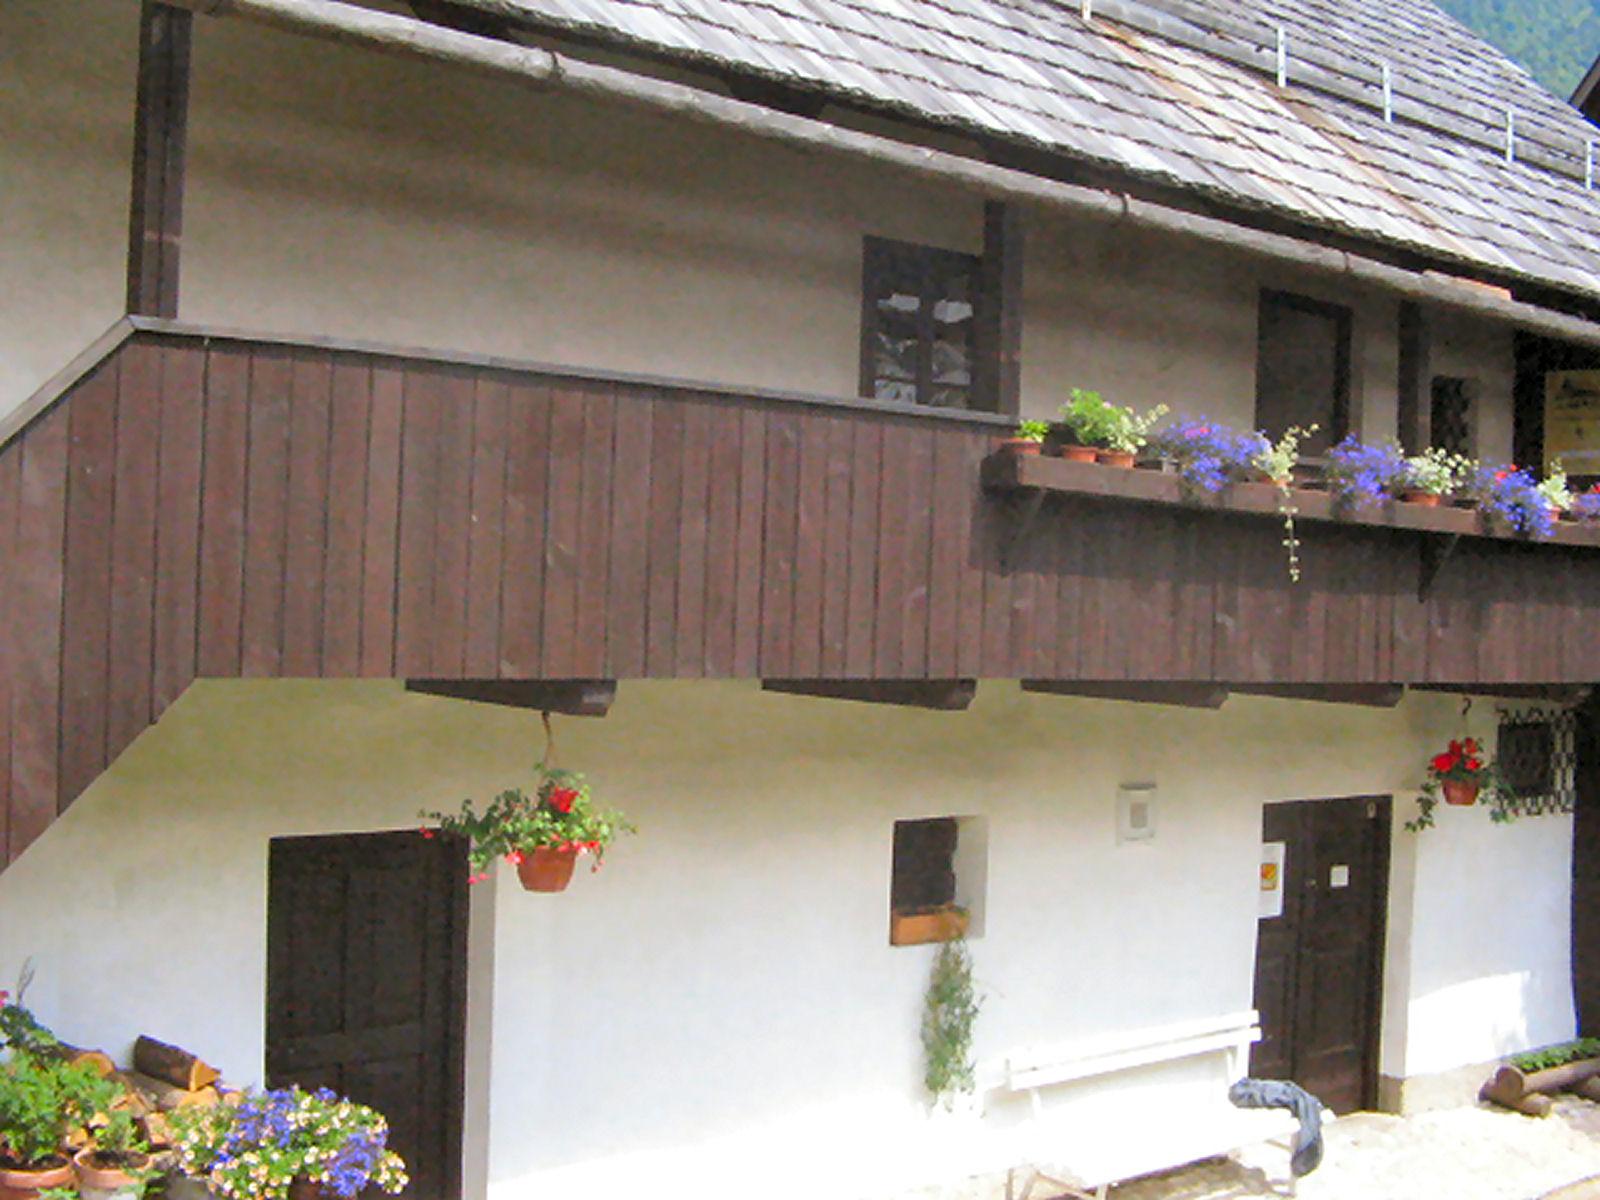 liznjek-farm-balcony-kranjska-gora